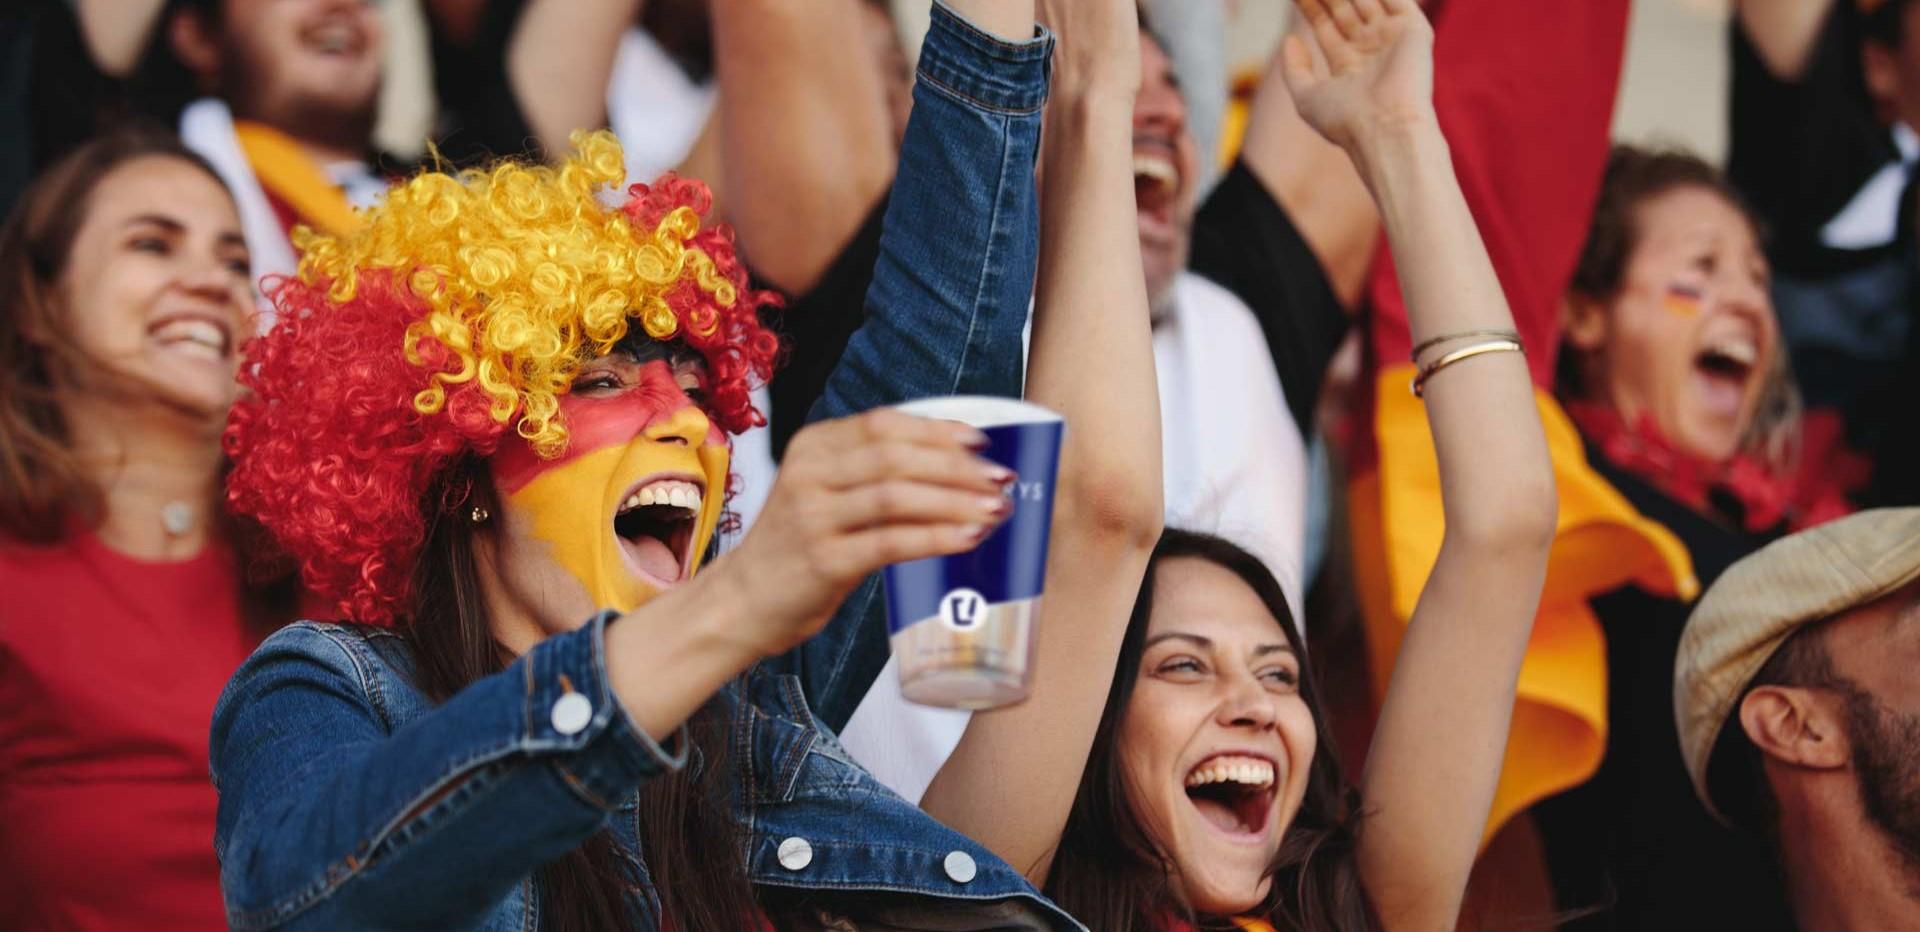 Stadionbecher für dein nächstes Event von cupstorys.com